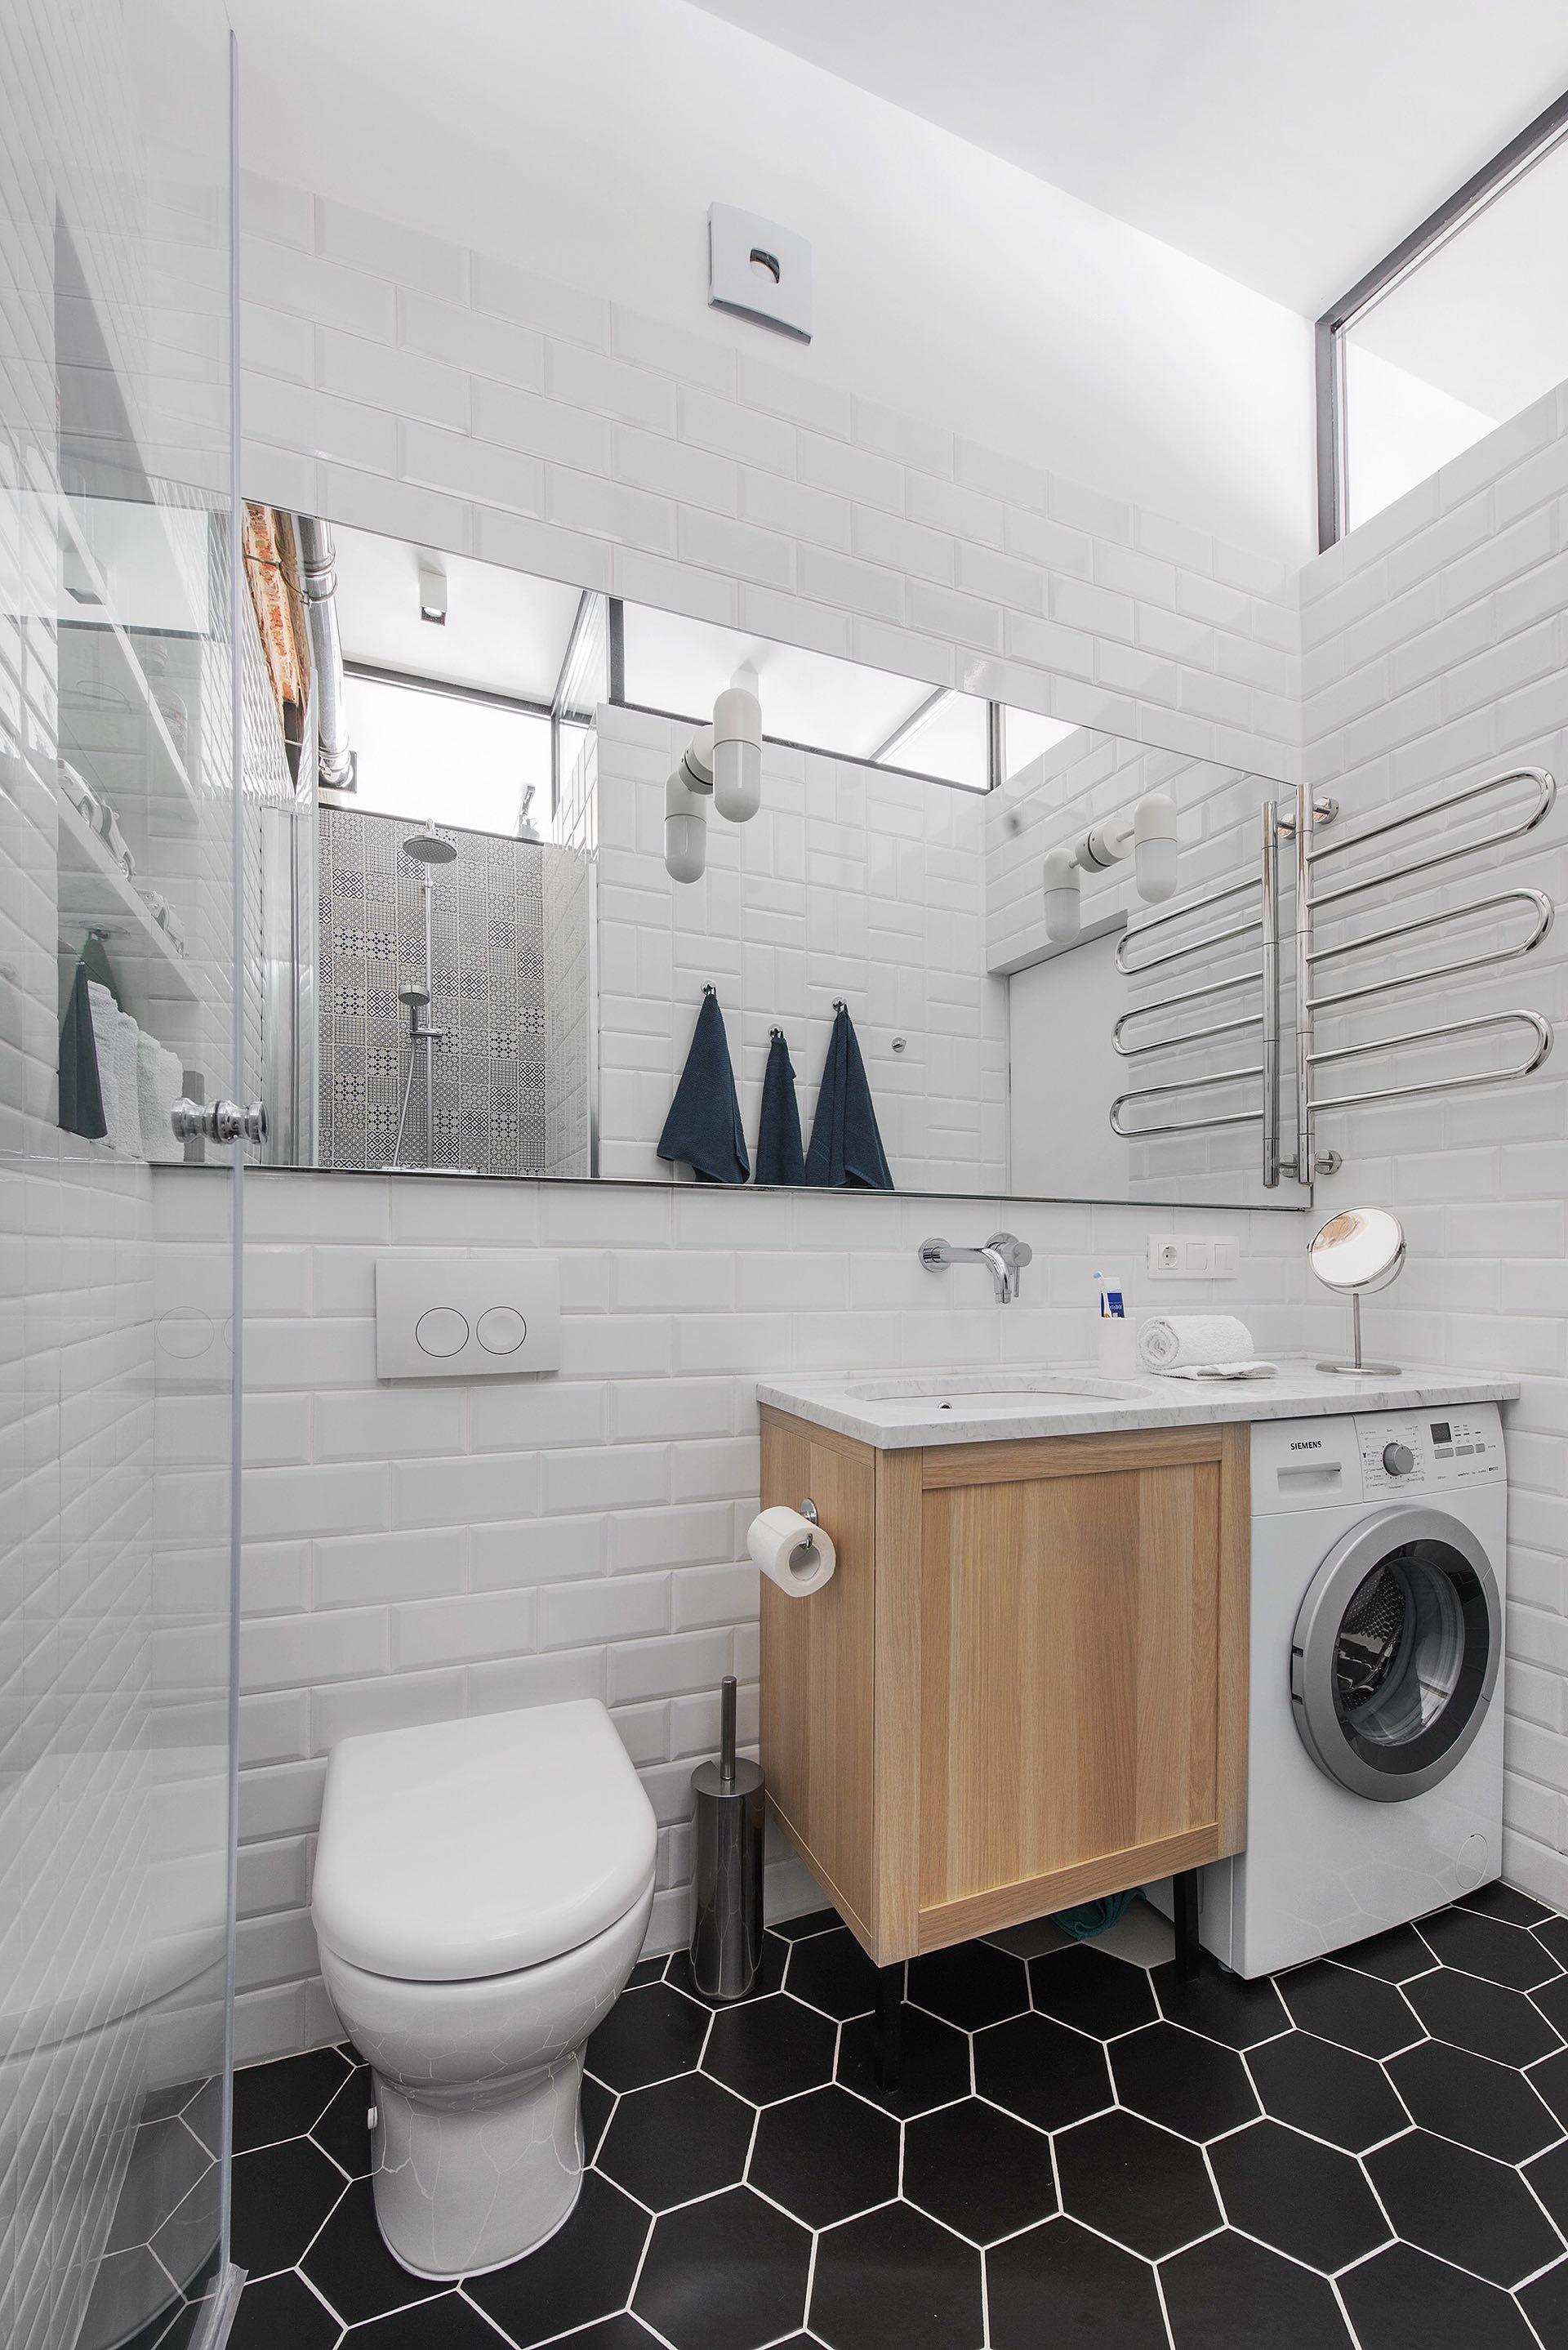 санузел дневной свет ниша полки зеркало полотенцесушитель раковина стиральная машина